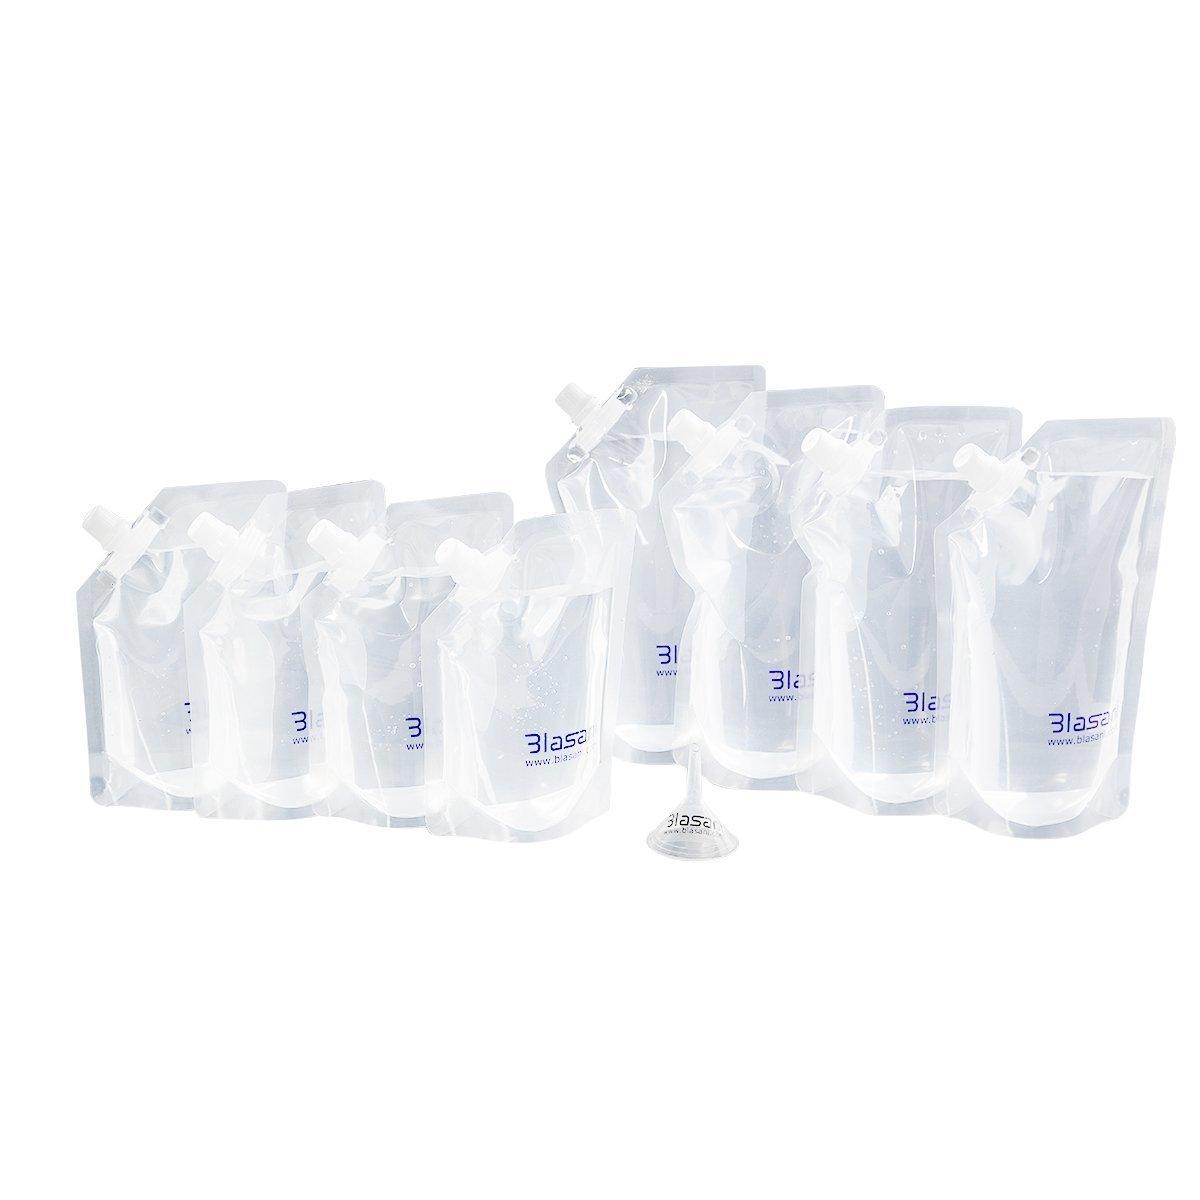 Blasani escamotables Croisière Rhum introduire des Flasque kit Lot de 4 x 453,6 gram, 4 x 226,8 gram)